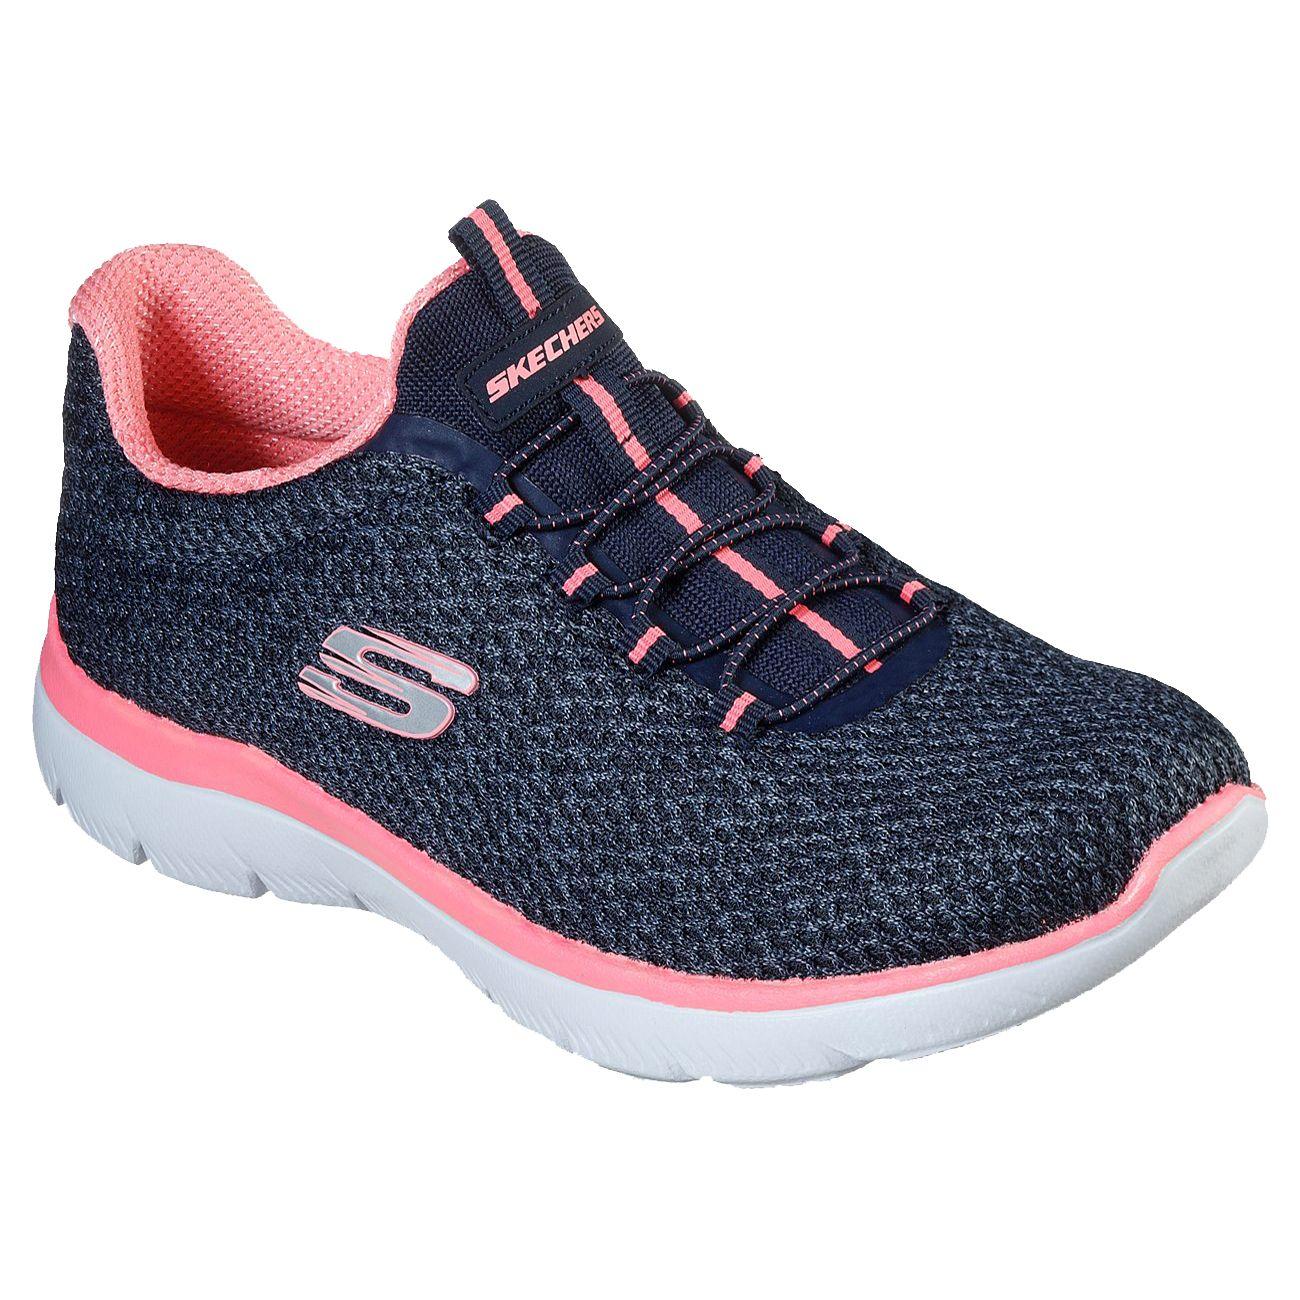 کفش مخصوص پیاده روی زنانه اسکچرز مدل 12986-NVPK -  - 2